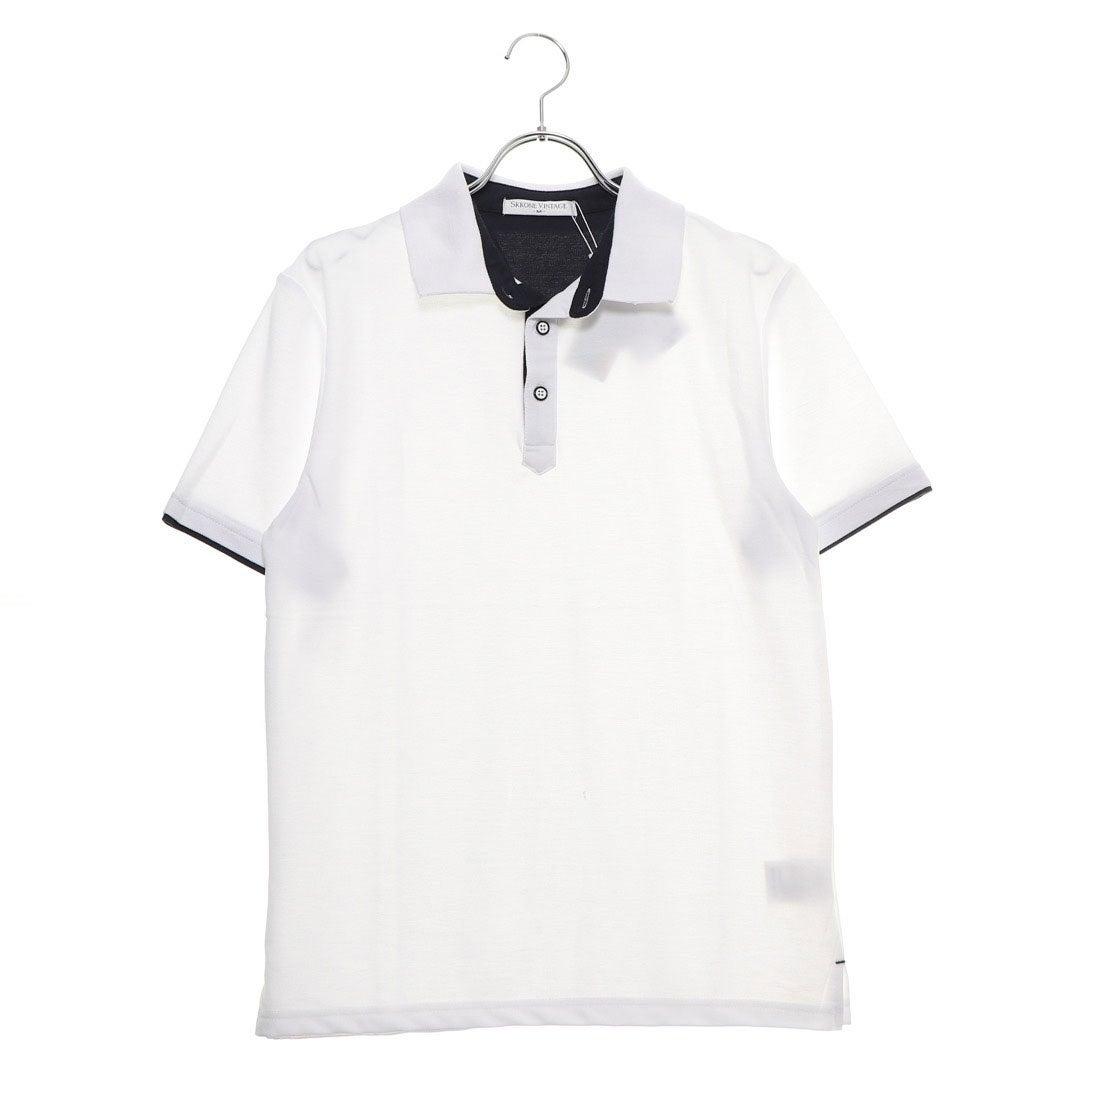 ロコンド 靴とファッションの通販サイトスタイルブロック STYLEBLOCK 配色鹿の子ドライポロシャツ (ホワイト)